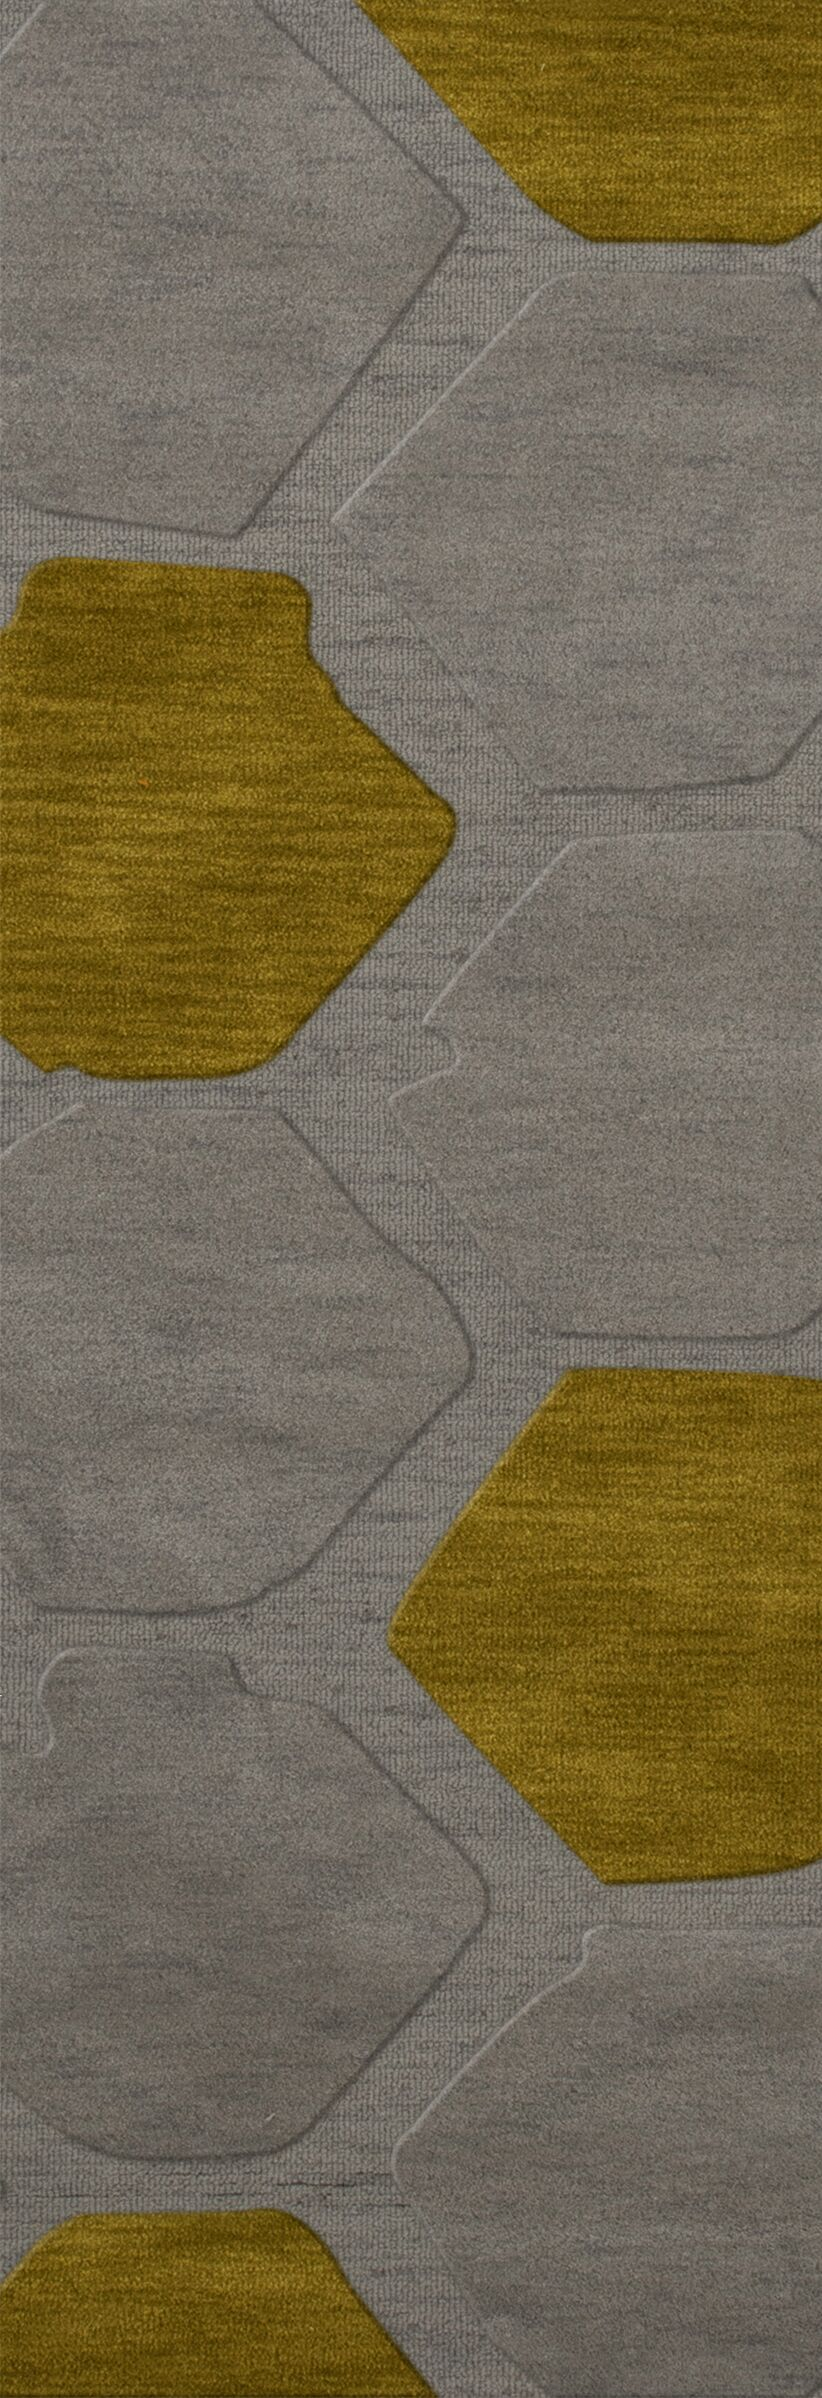 Harman Wool Flagstone Area Rug Rug Size: Runner 2'6